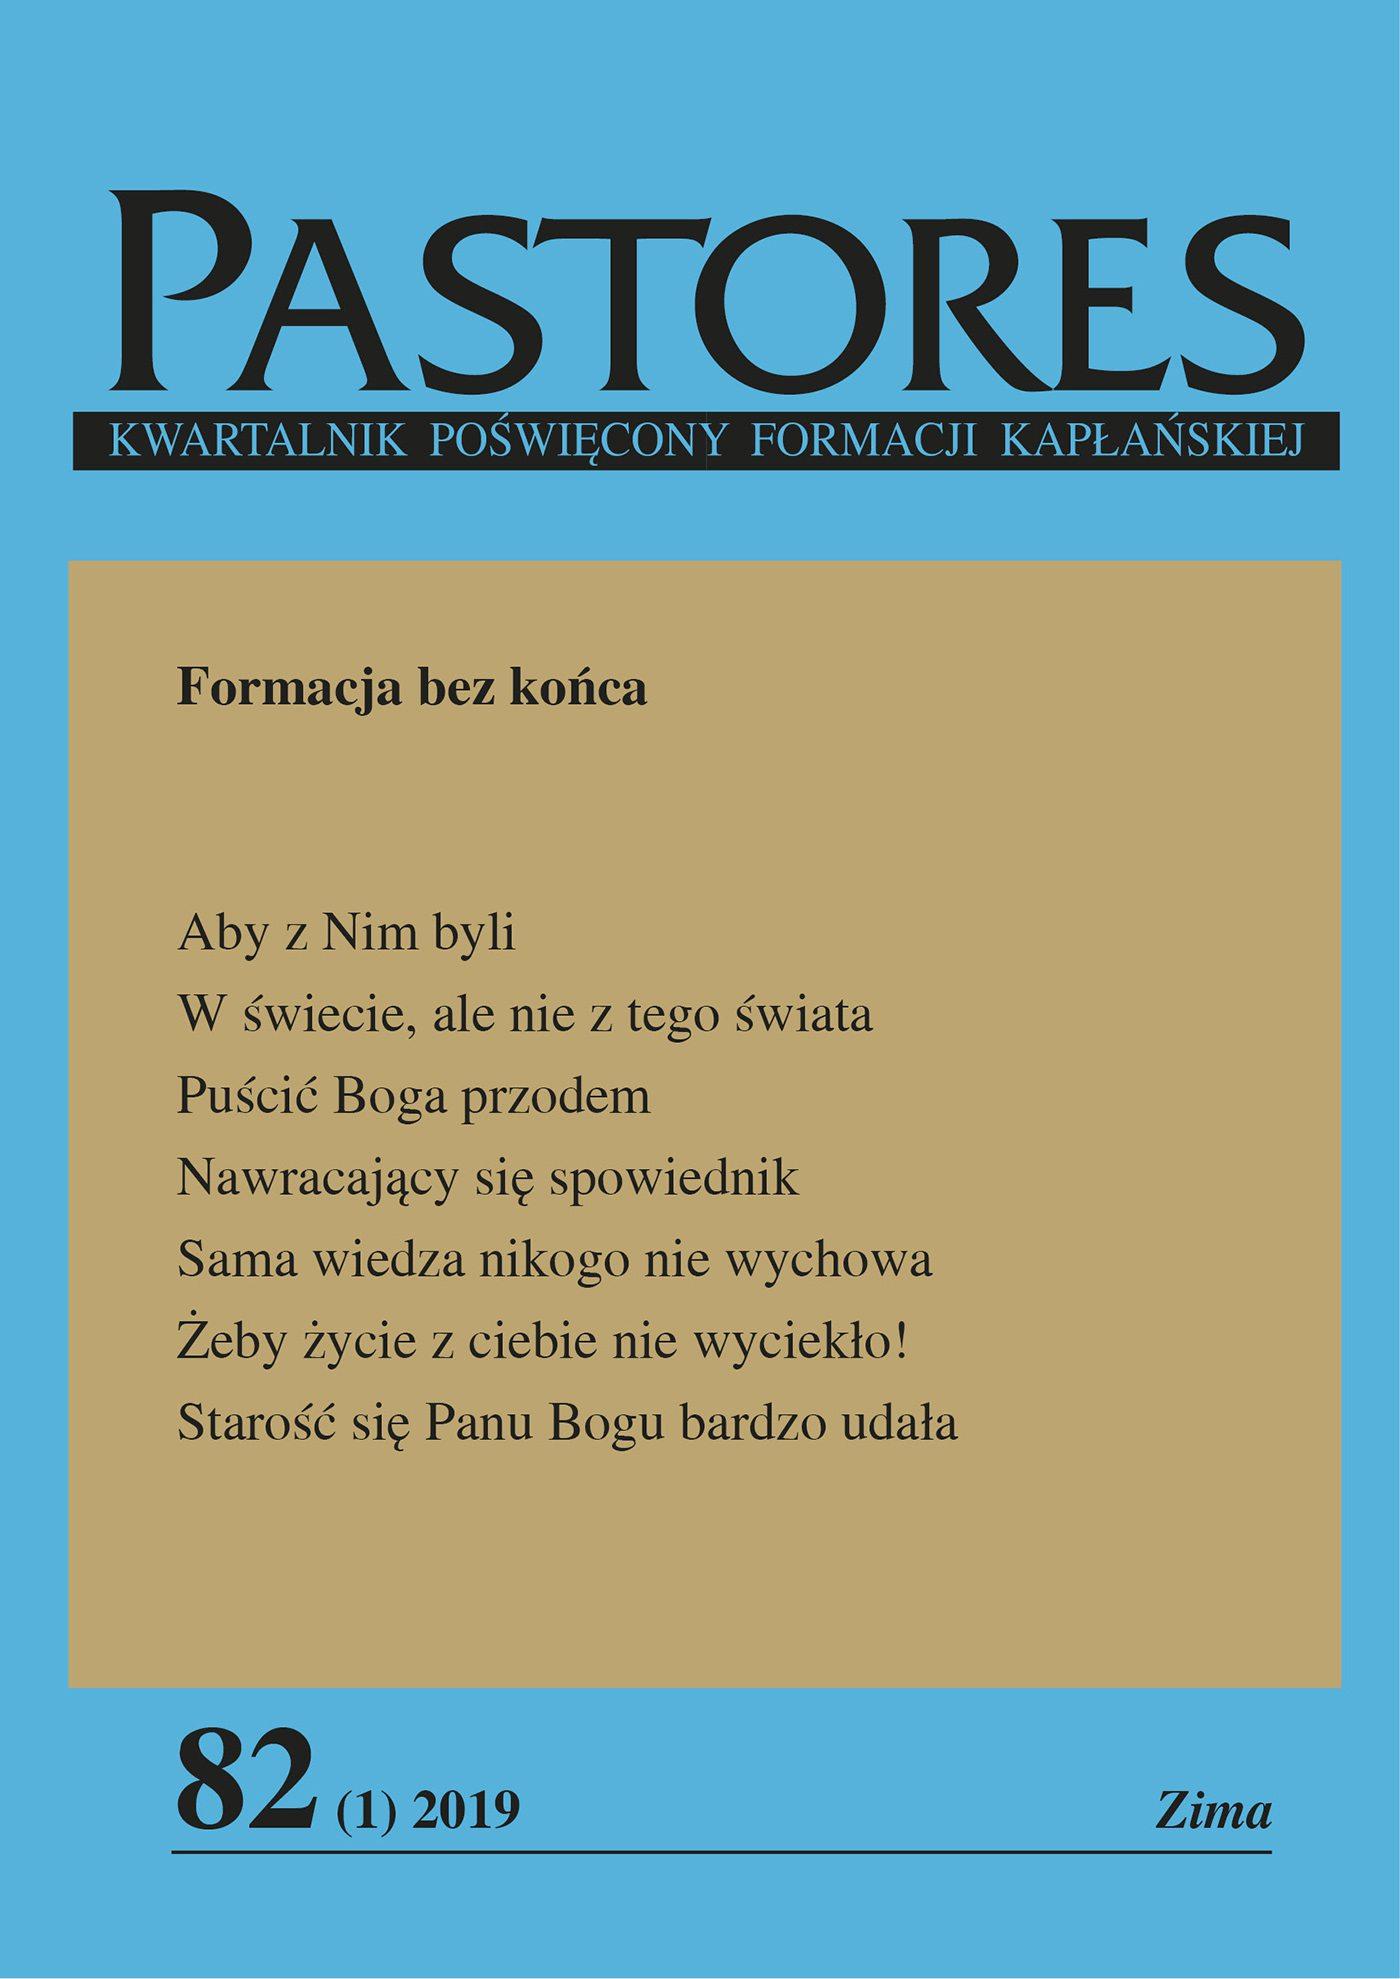 Pastores 82 (1) 2019 - Ebook (Książka EPUB) do pobrania w formacie EPUB